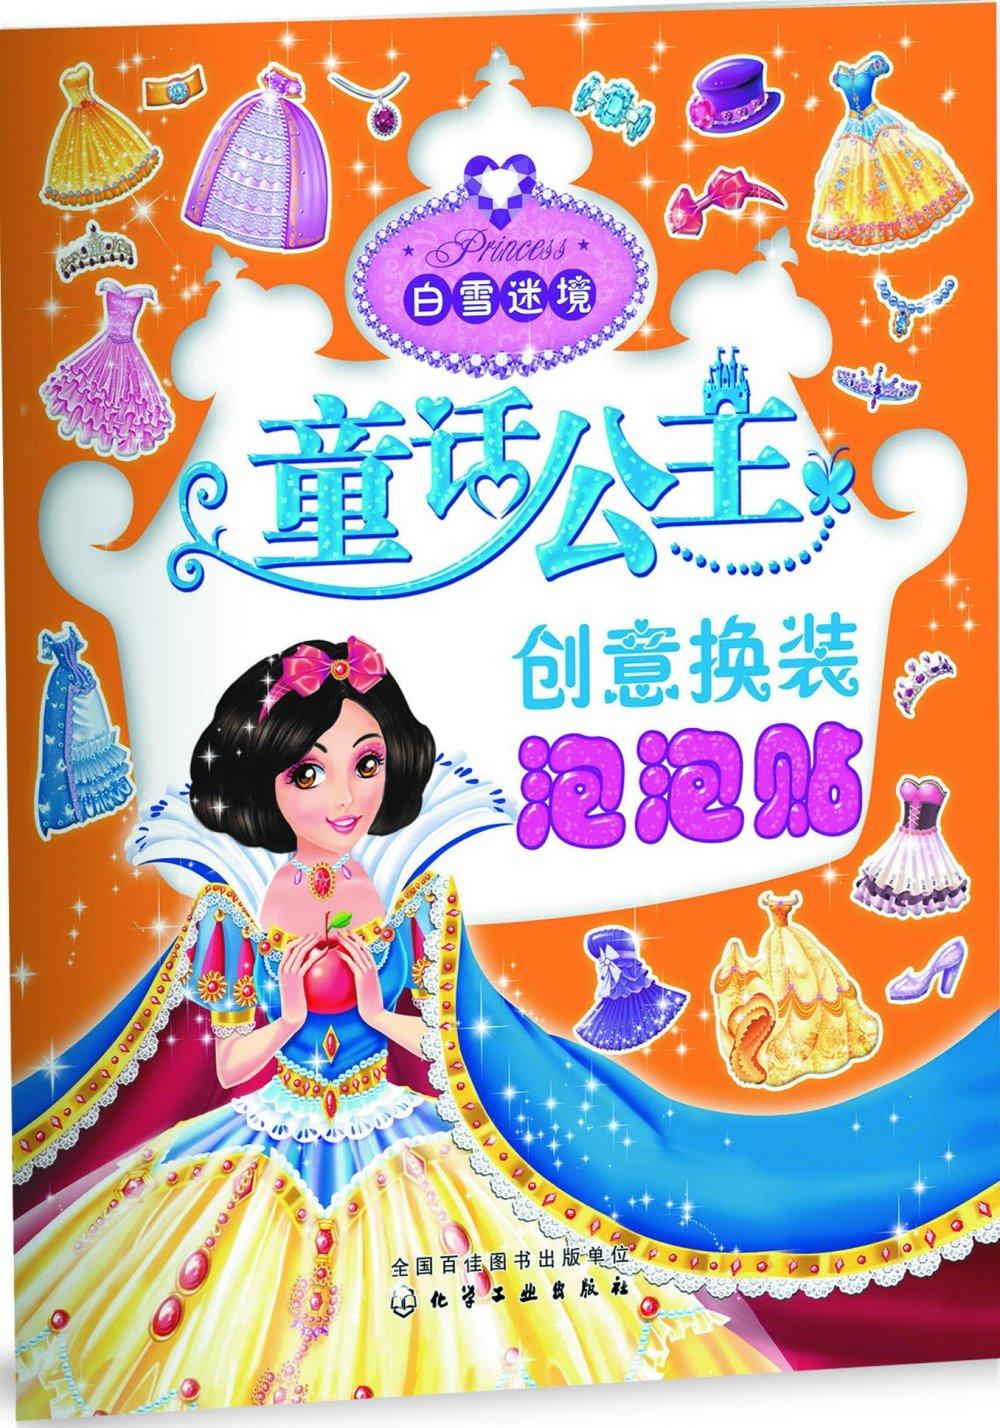 童話公主 換裝泡泡貼·白雪迷境